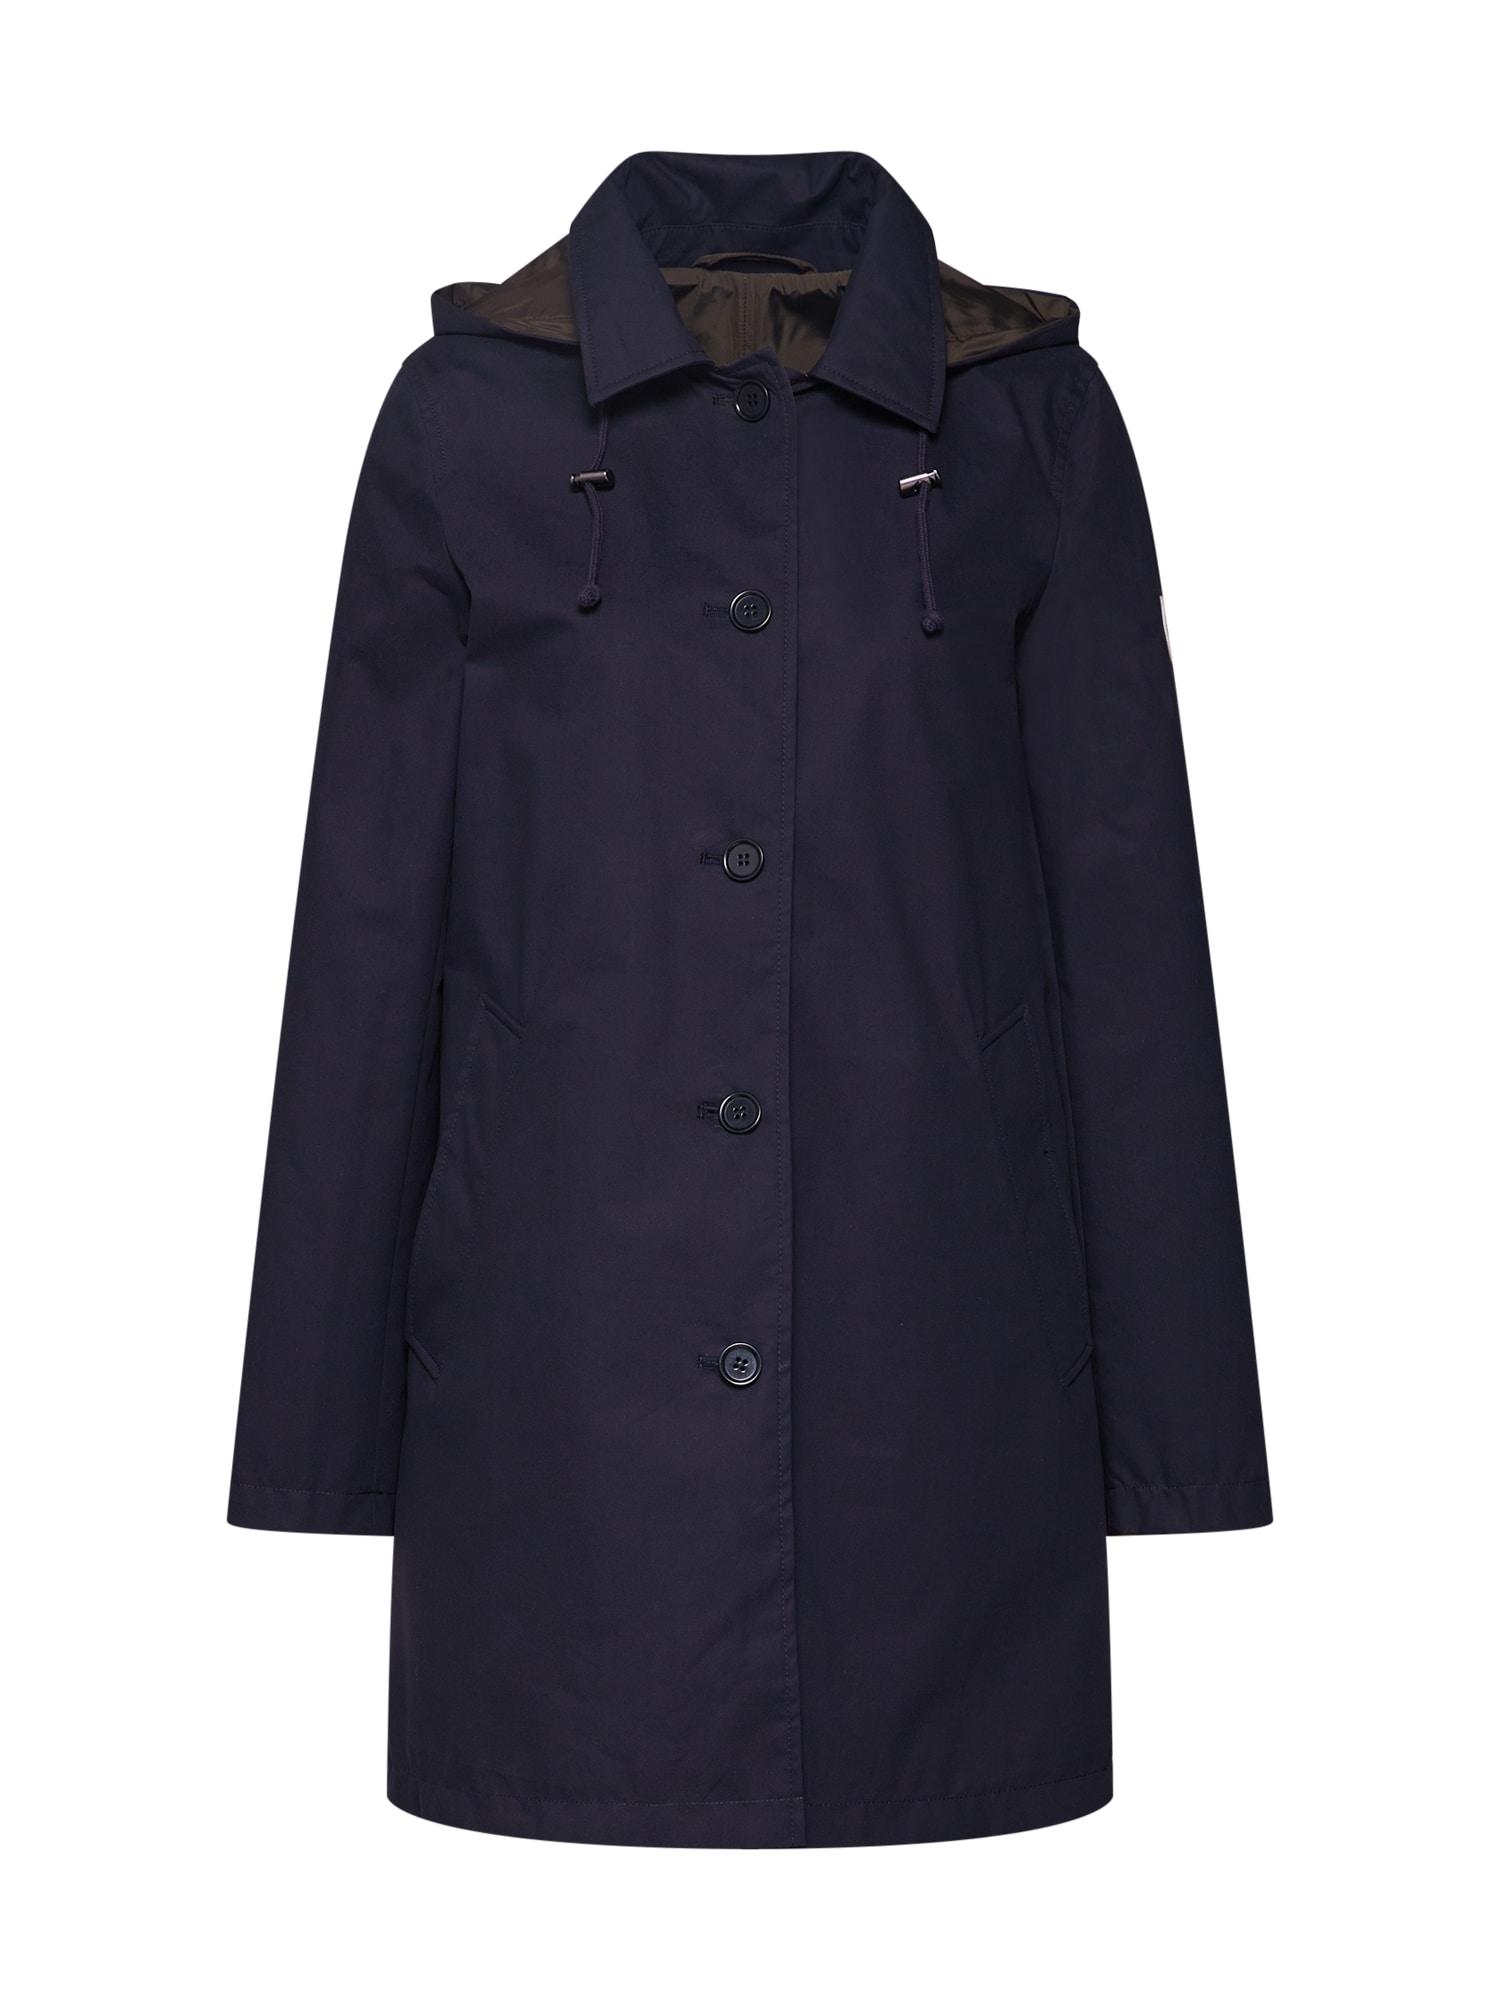 Přechodný kabát VIOLA námořnická modř khaki No. 1 Como